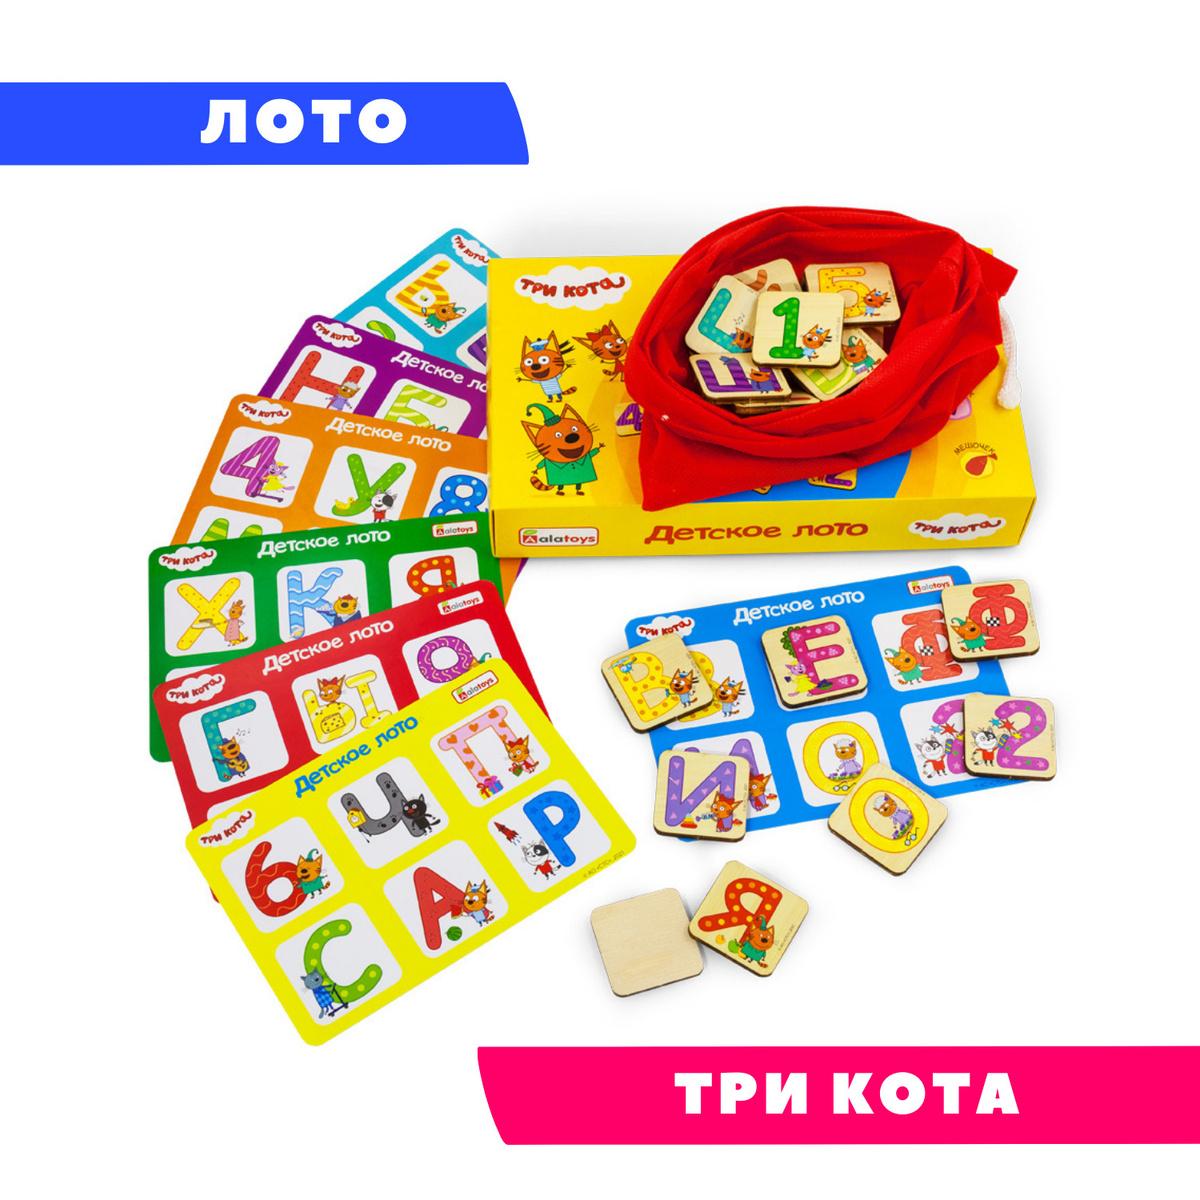 Три кота игрушки Лото детское Alatoys Настольные игры для детей, 42 деревянные фишки, 7 карточек, мешочек #1